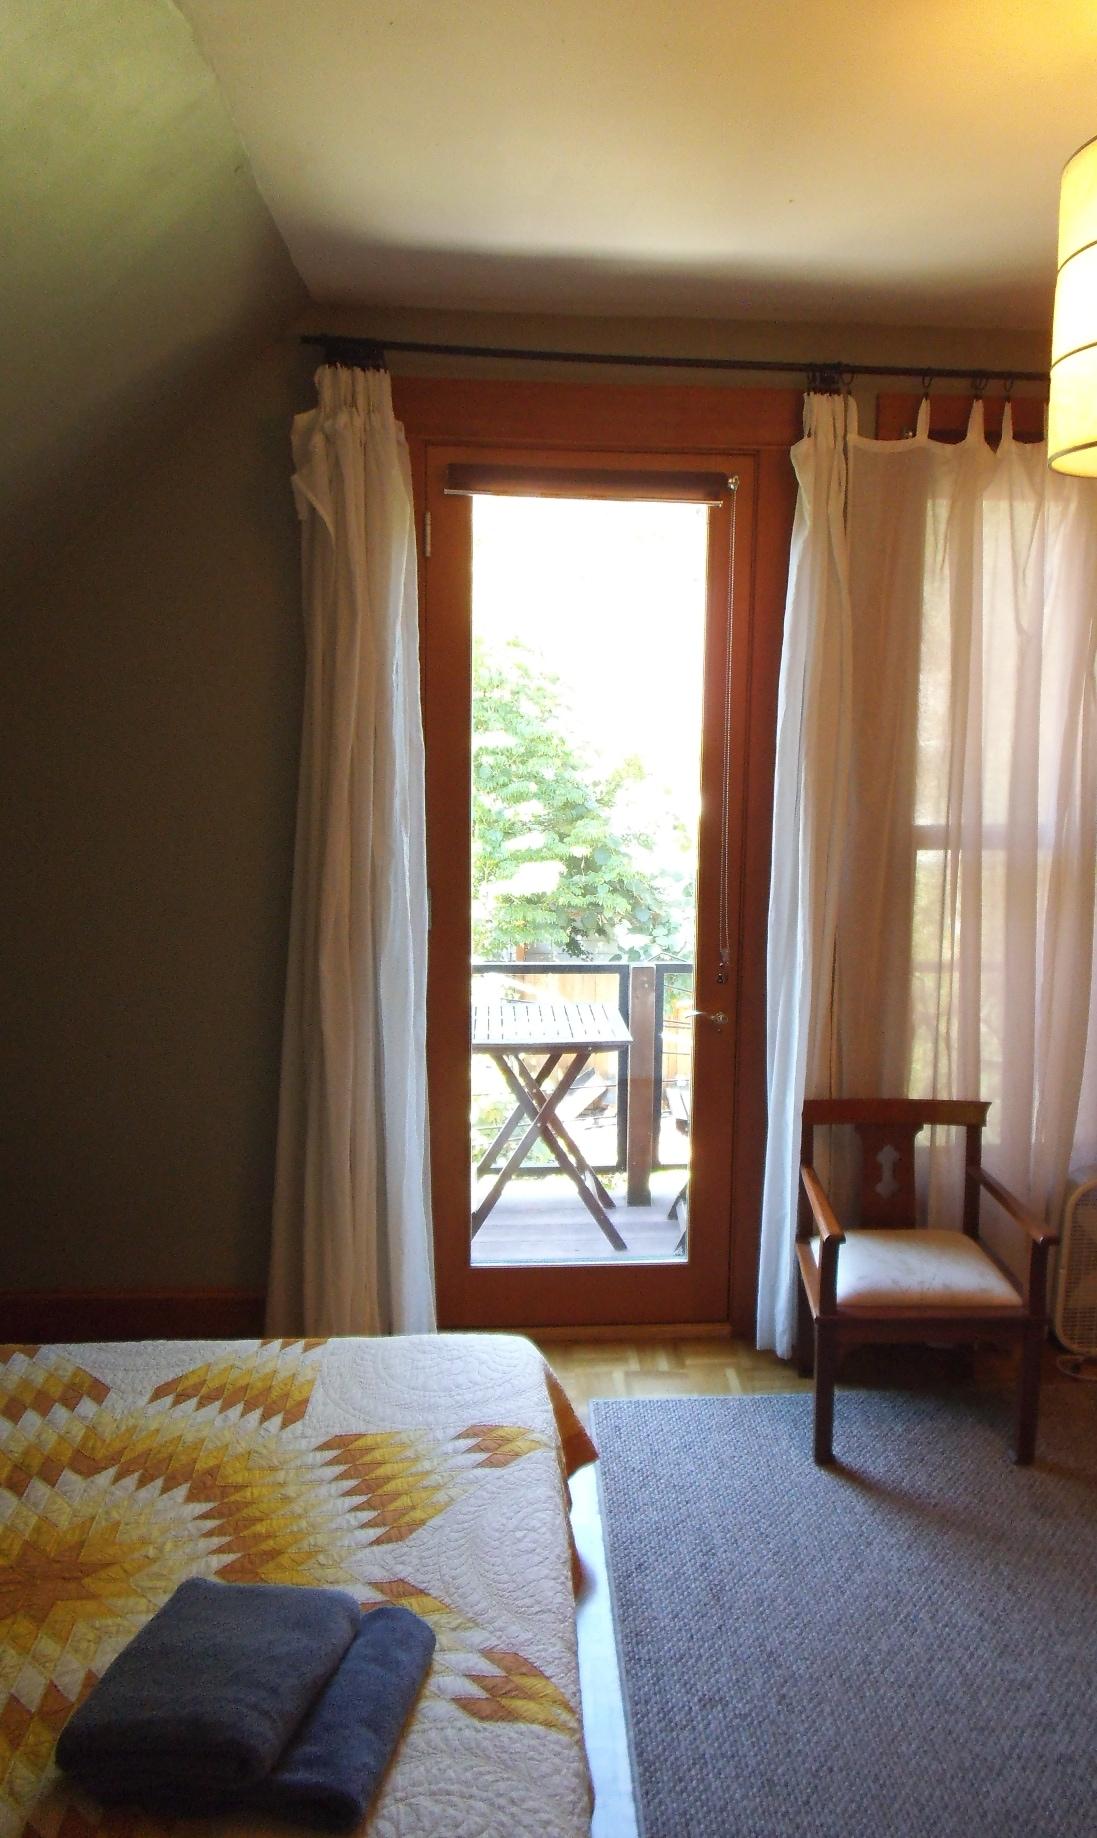 View of balcony across room